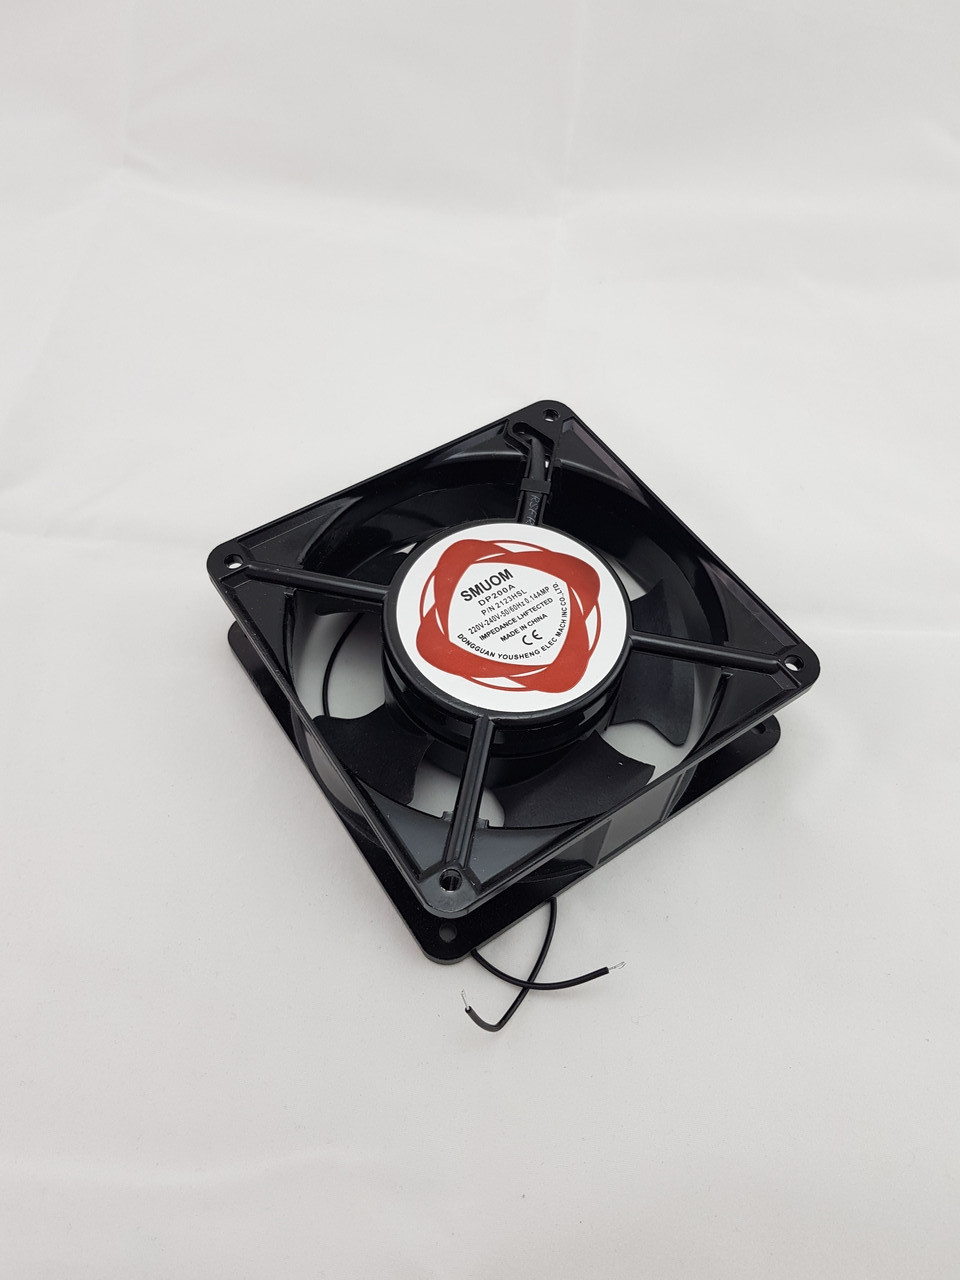 Осьовий вентилятор корпусних 120х120х38мм 220 Вольт DP200A (Метал)